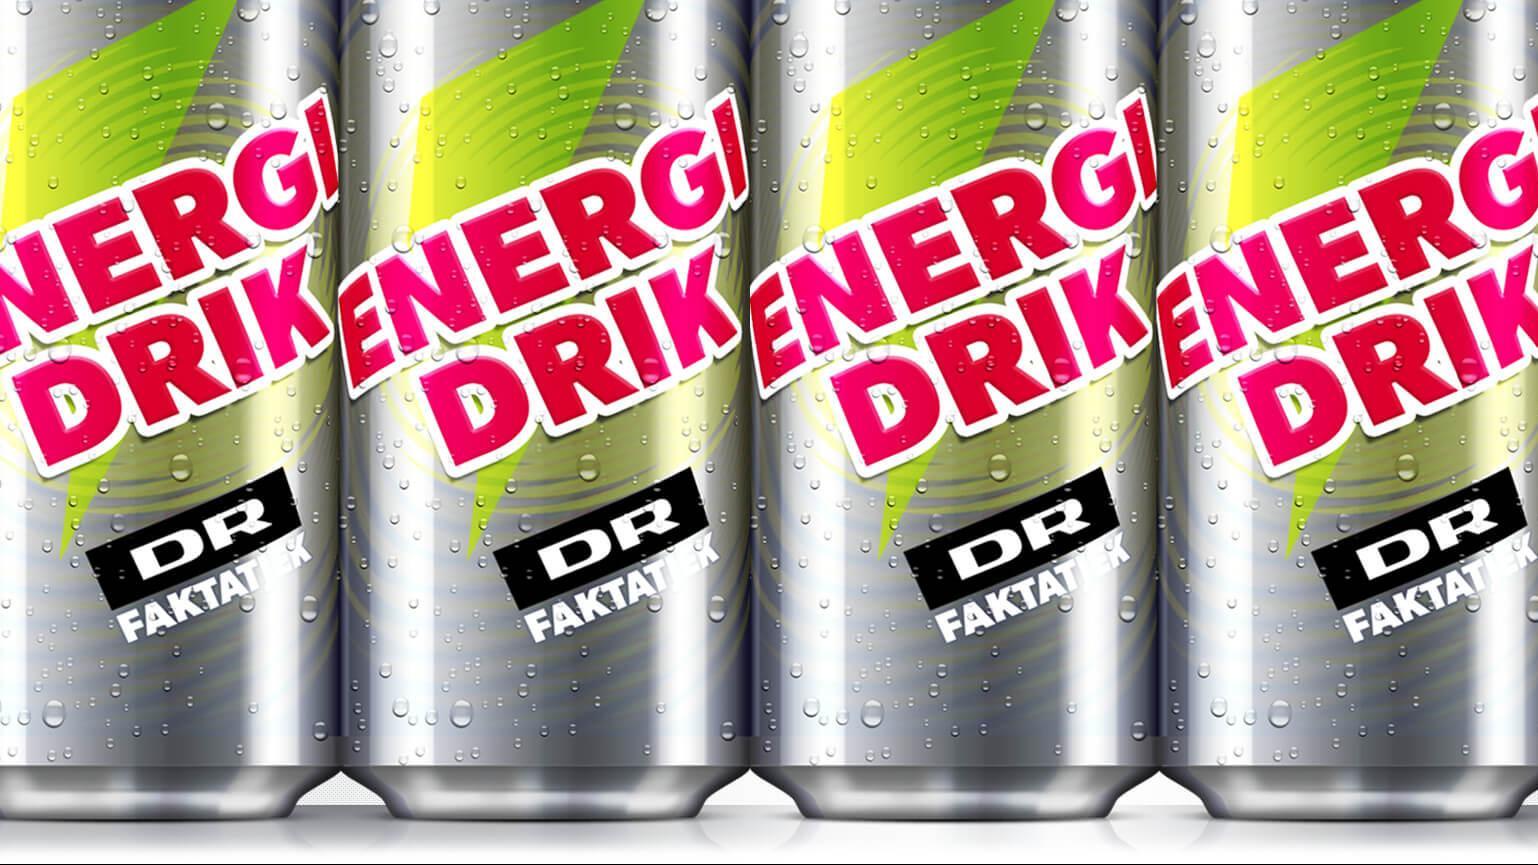 hvad gør energidrik ved kroppen